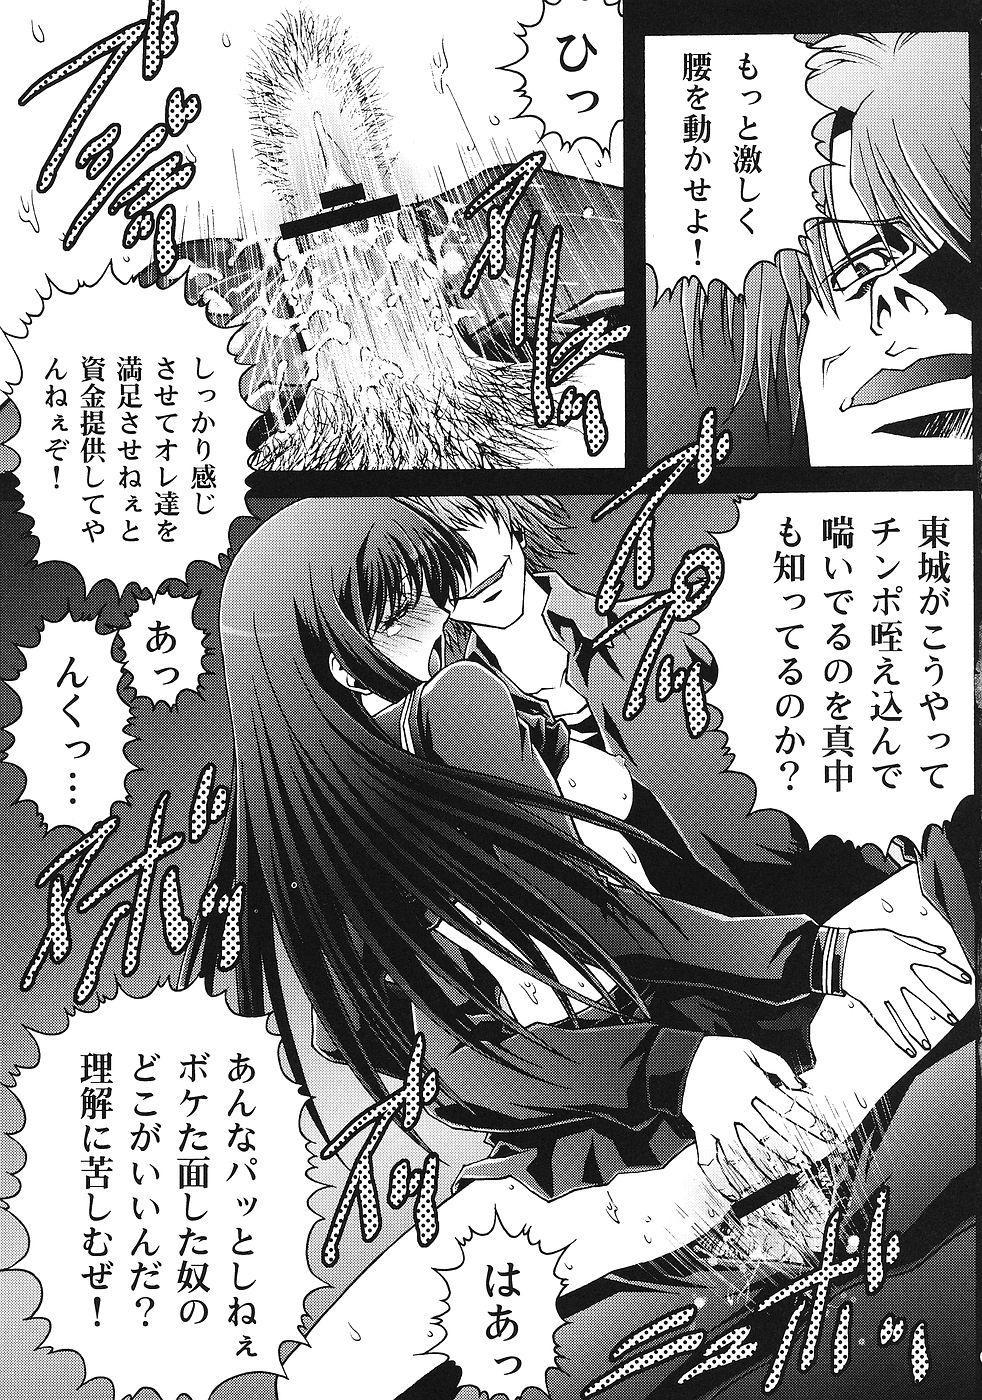 Ichigo Gari 5